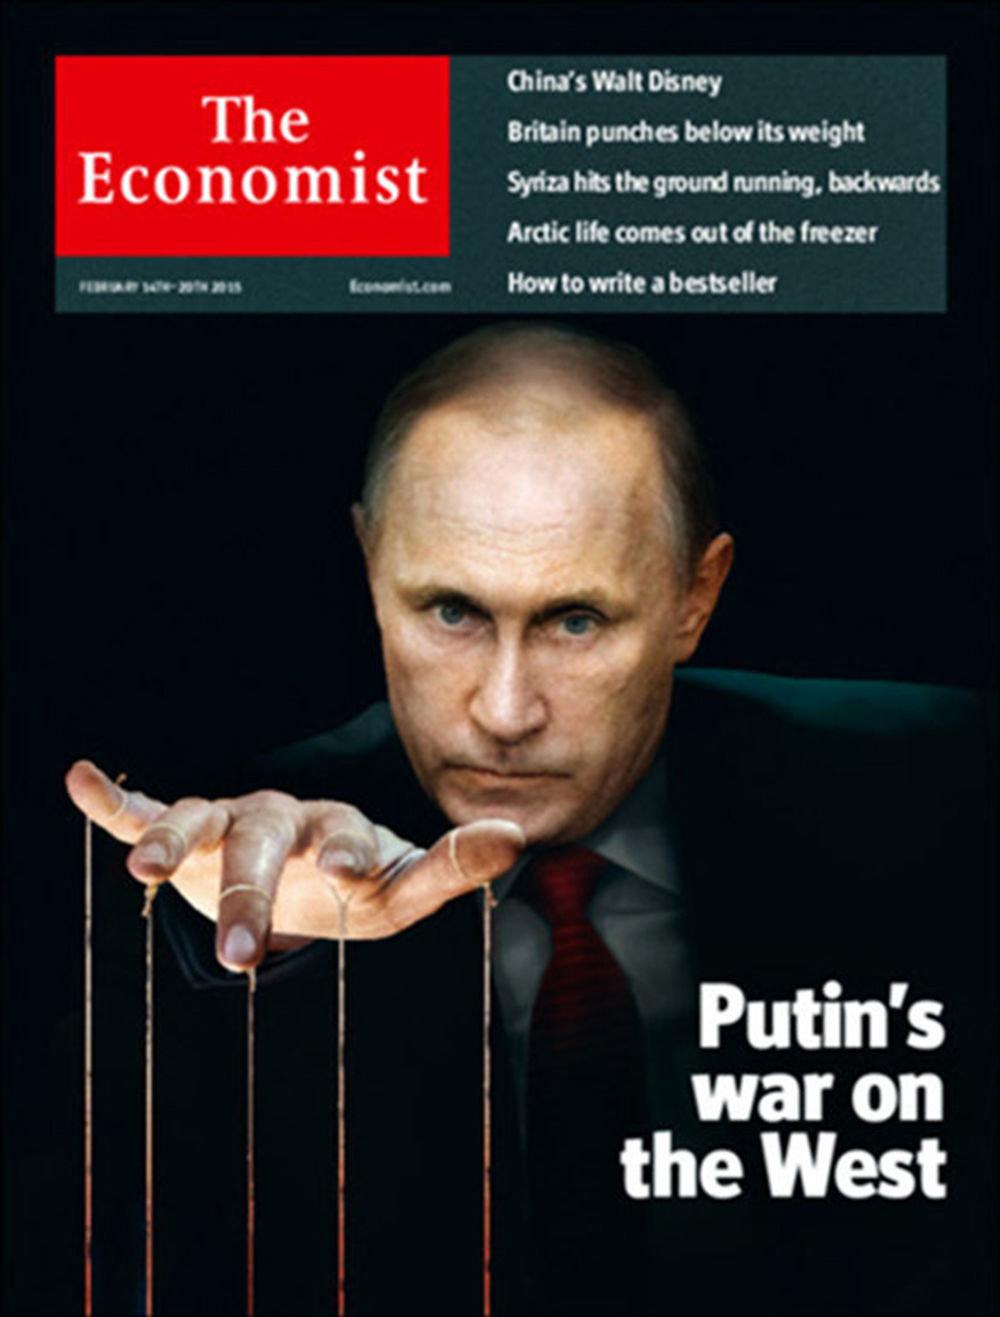 La portada de The Economist del 14 de febrero de 2015